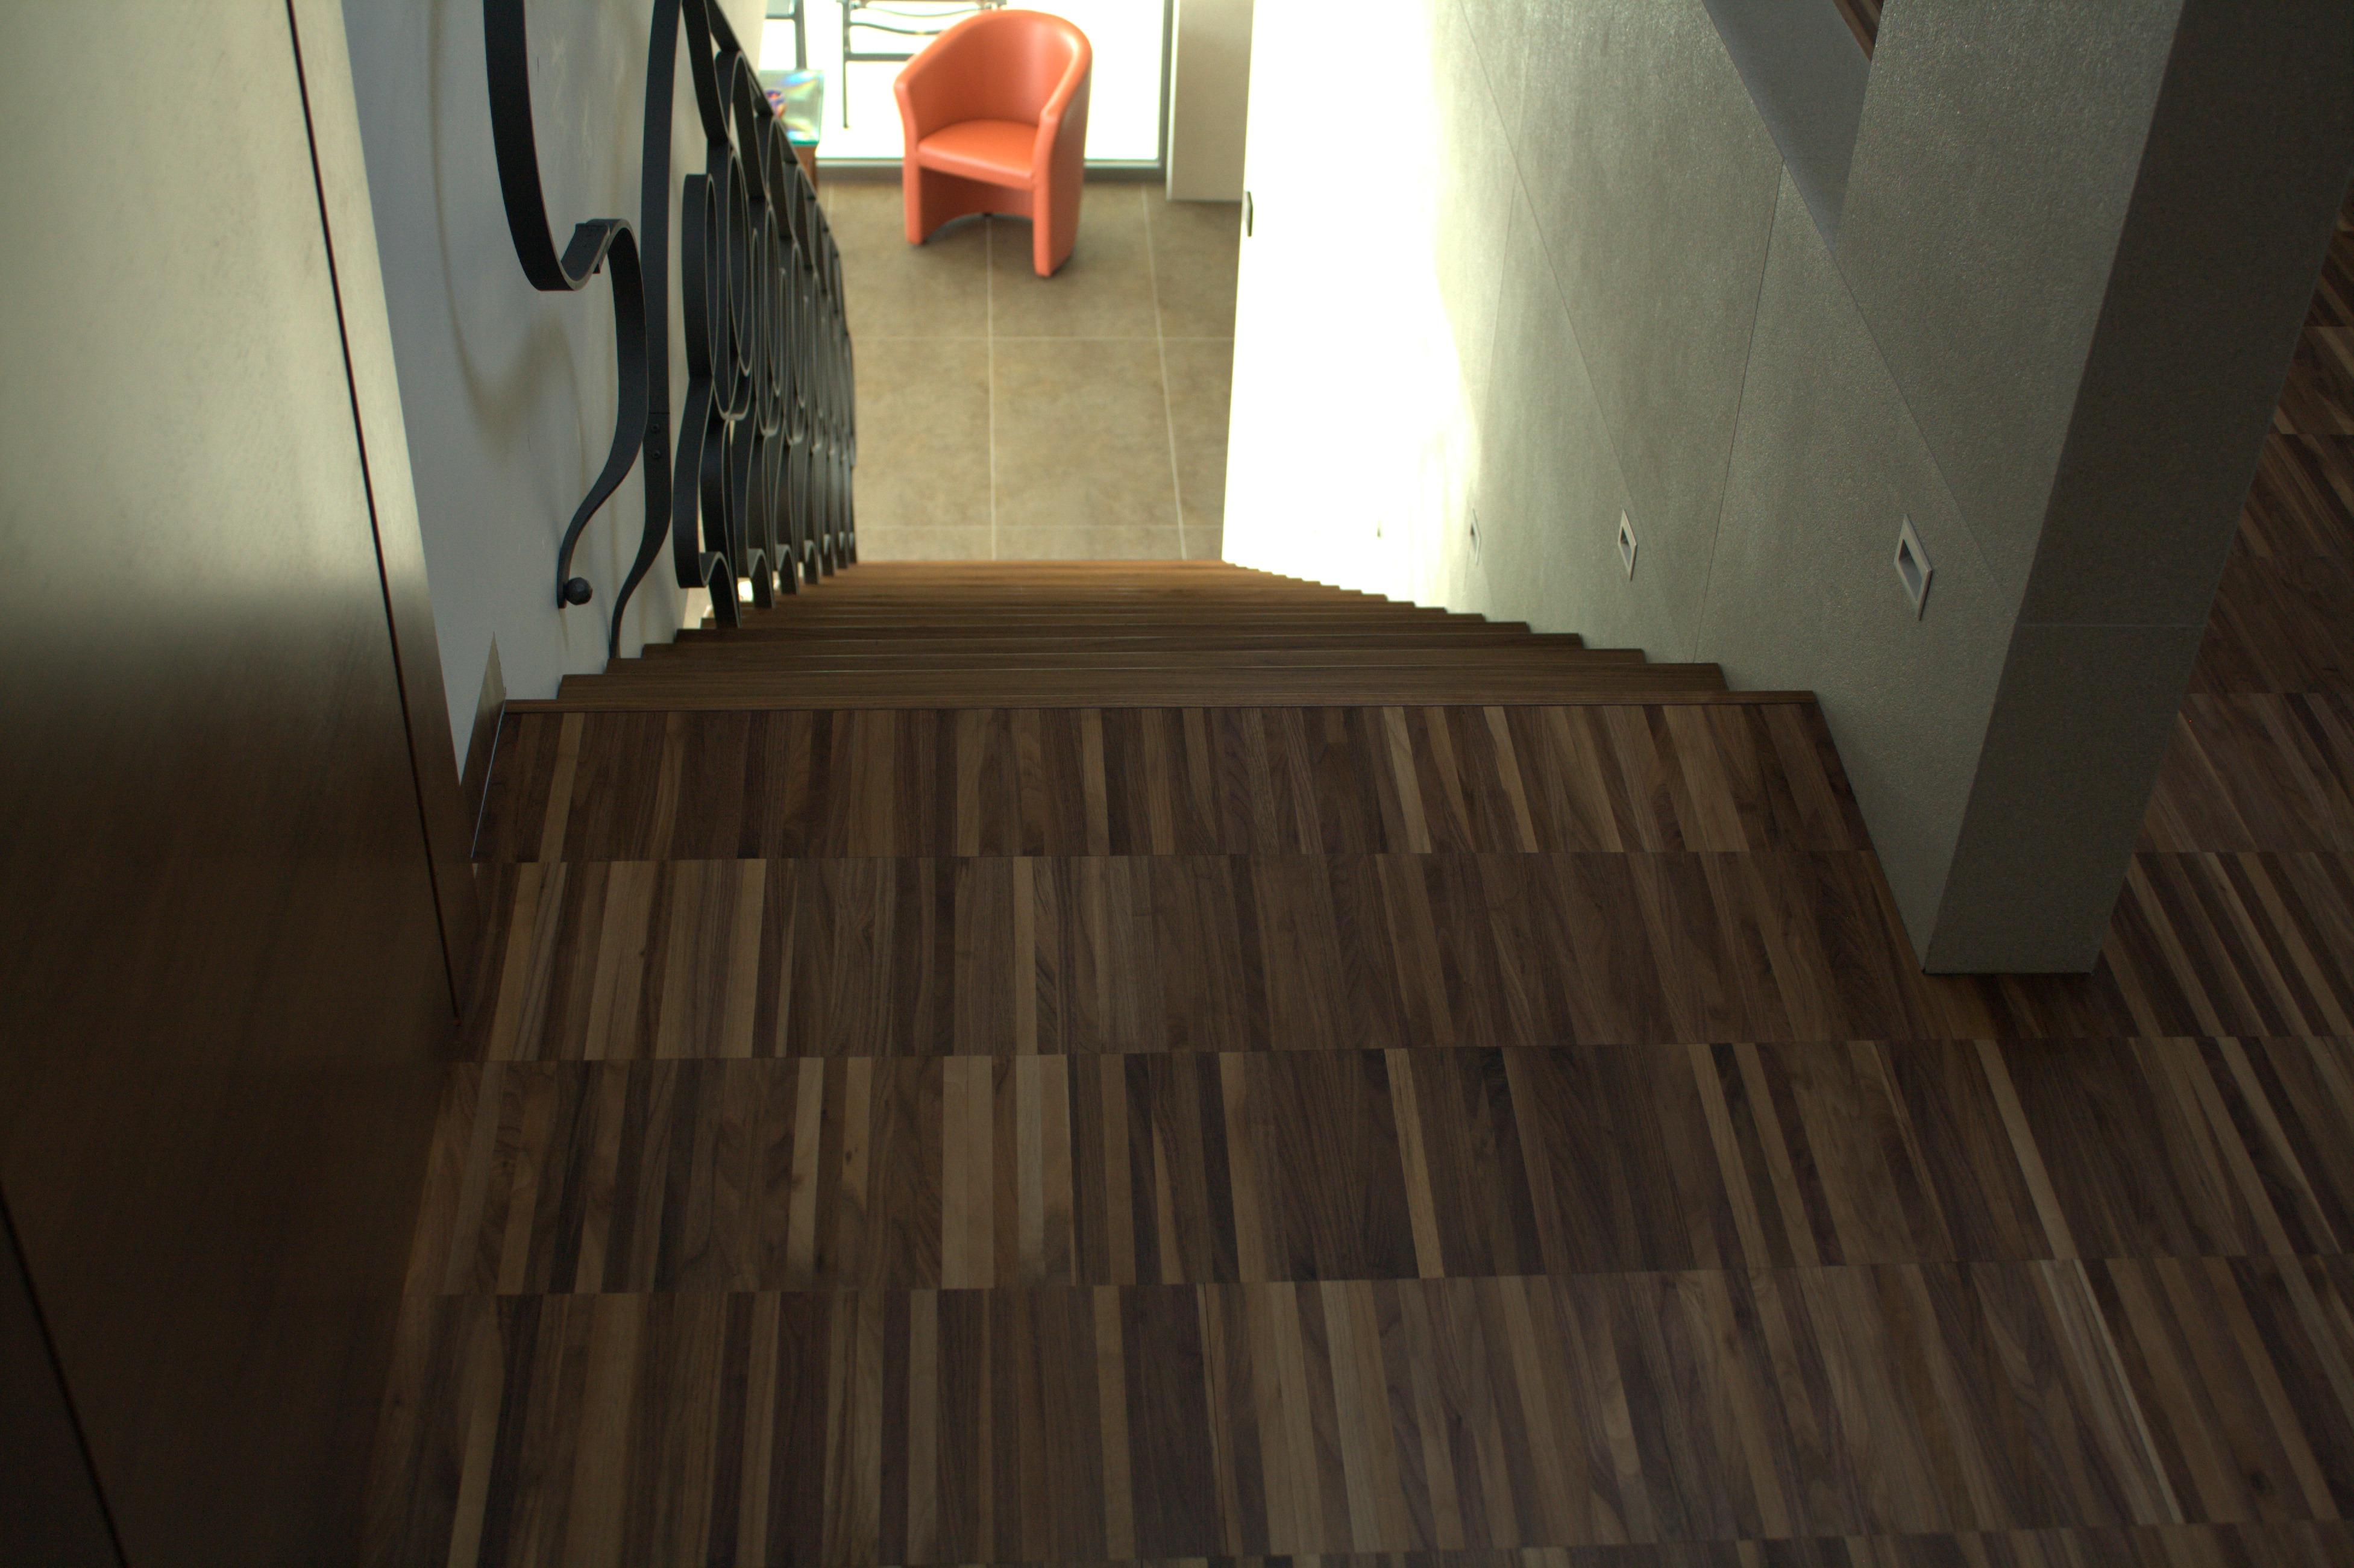 Podlahy holubec